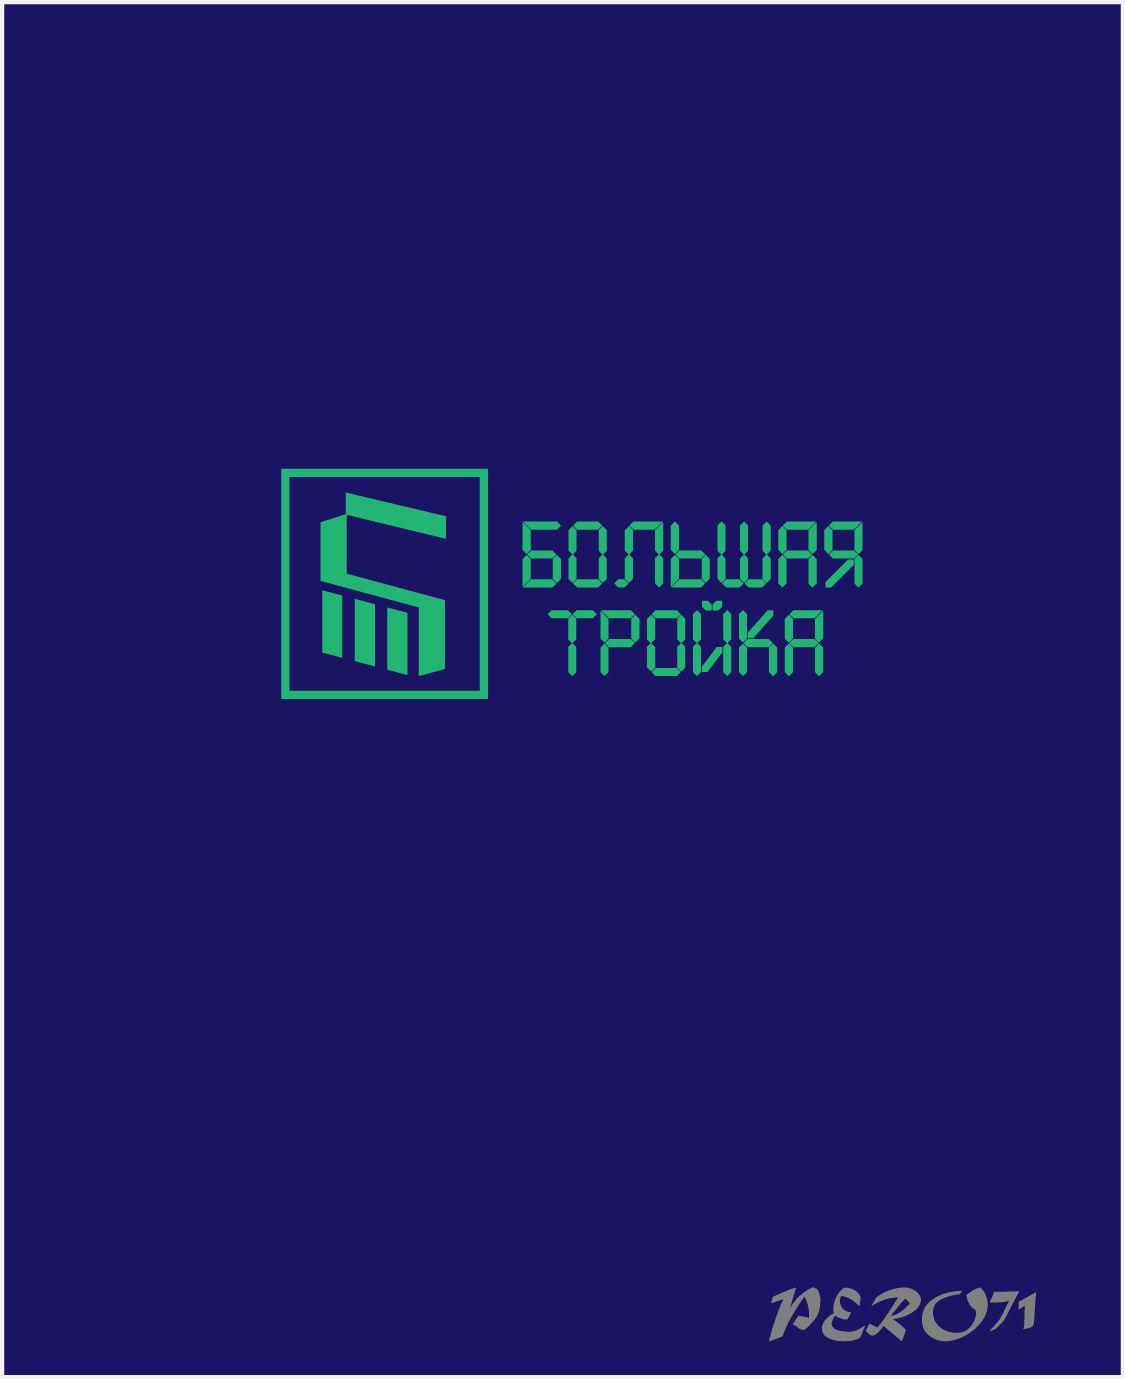 Логотип инновационной компании Большая Тройка - дизайнер PERO71